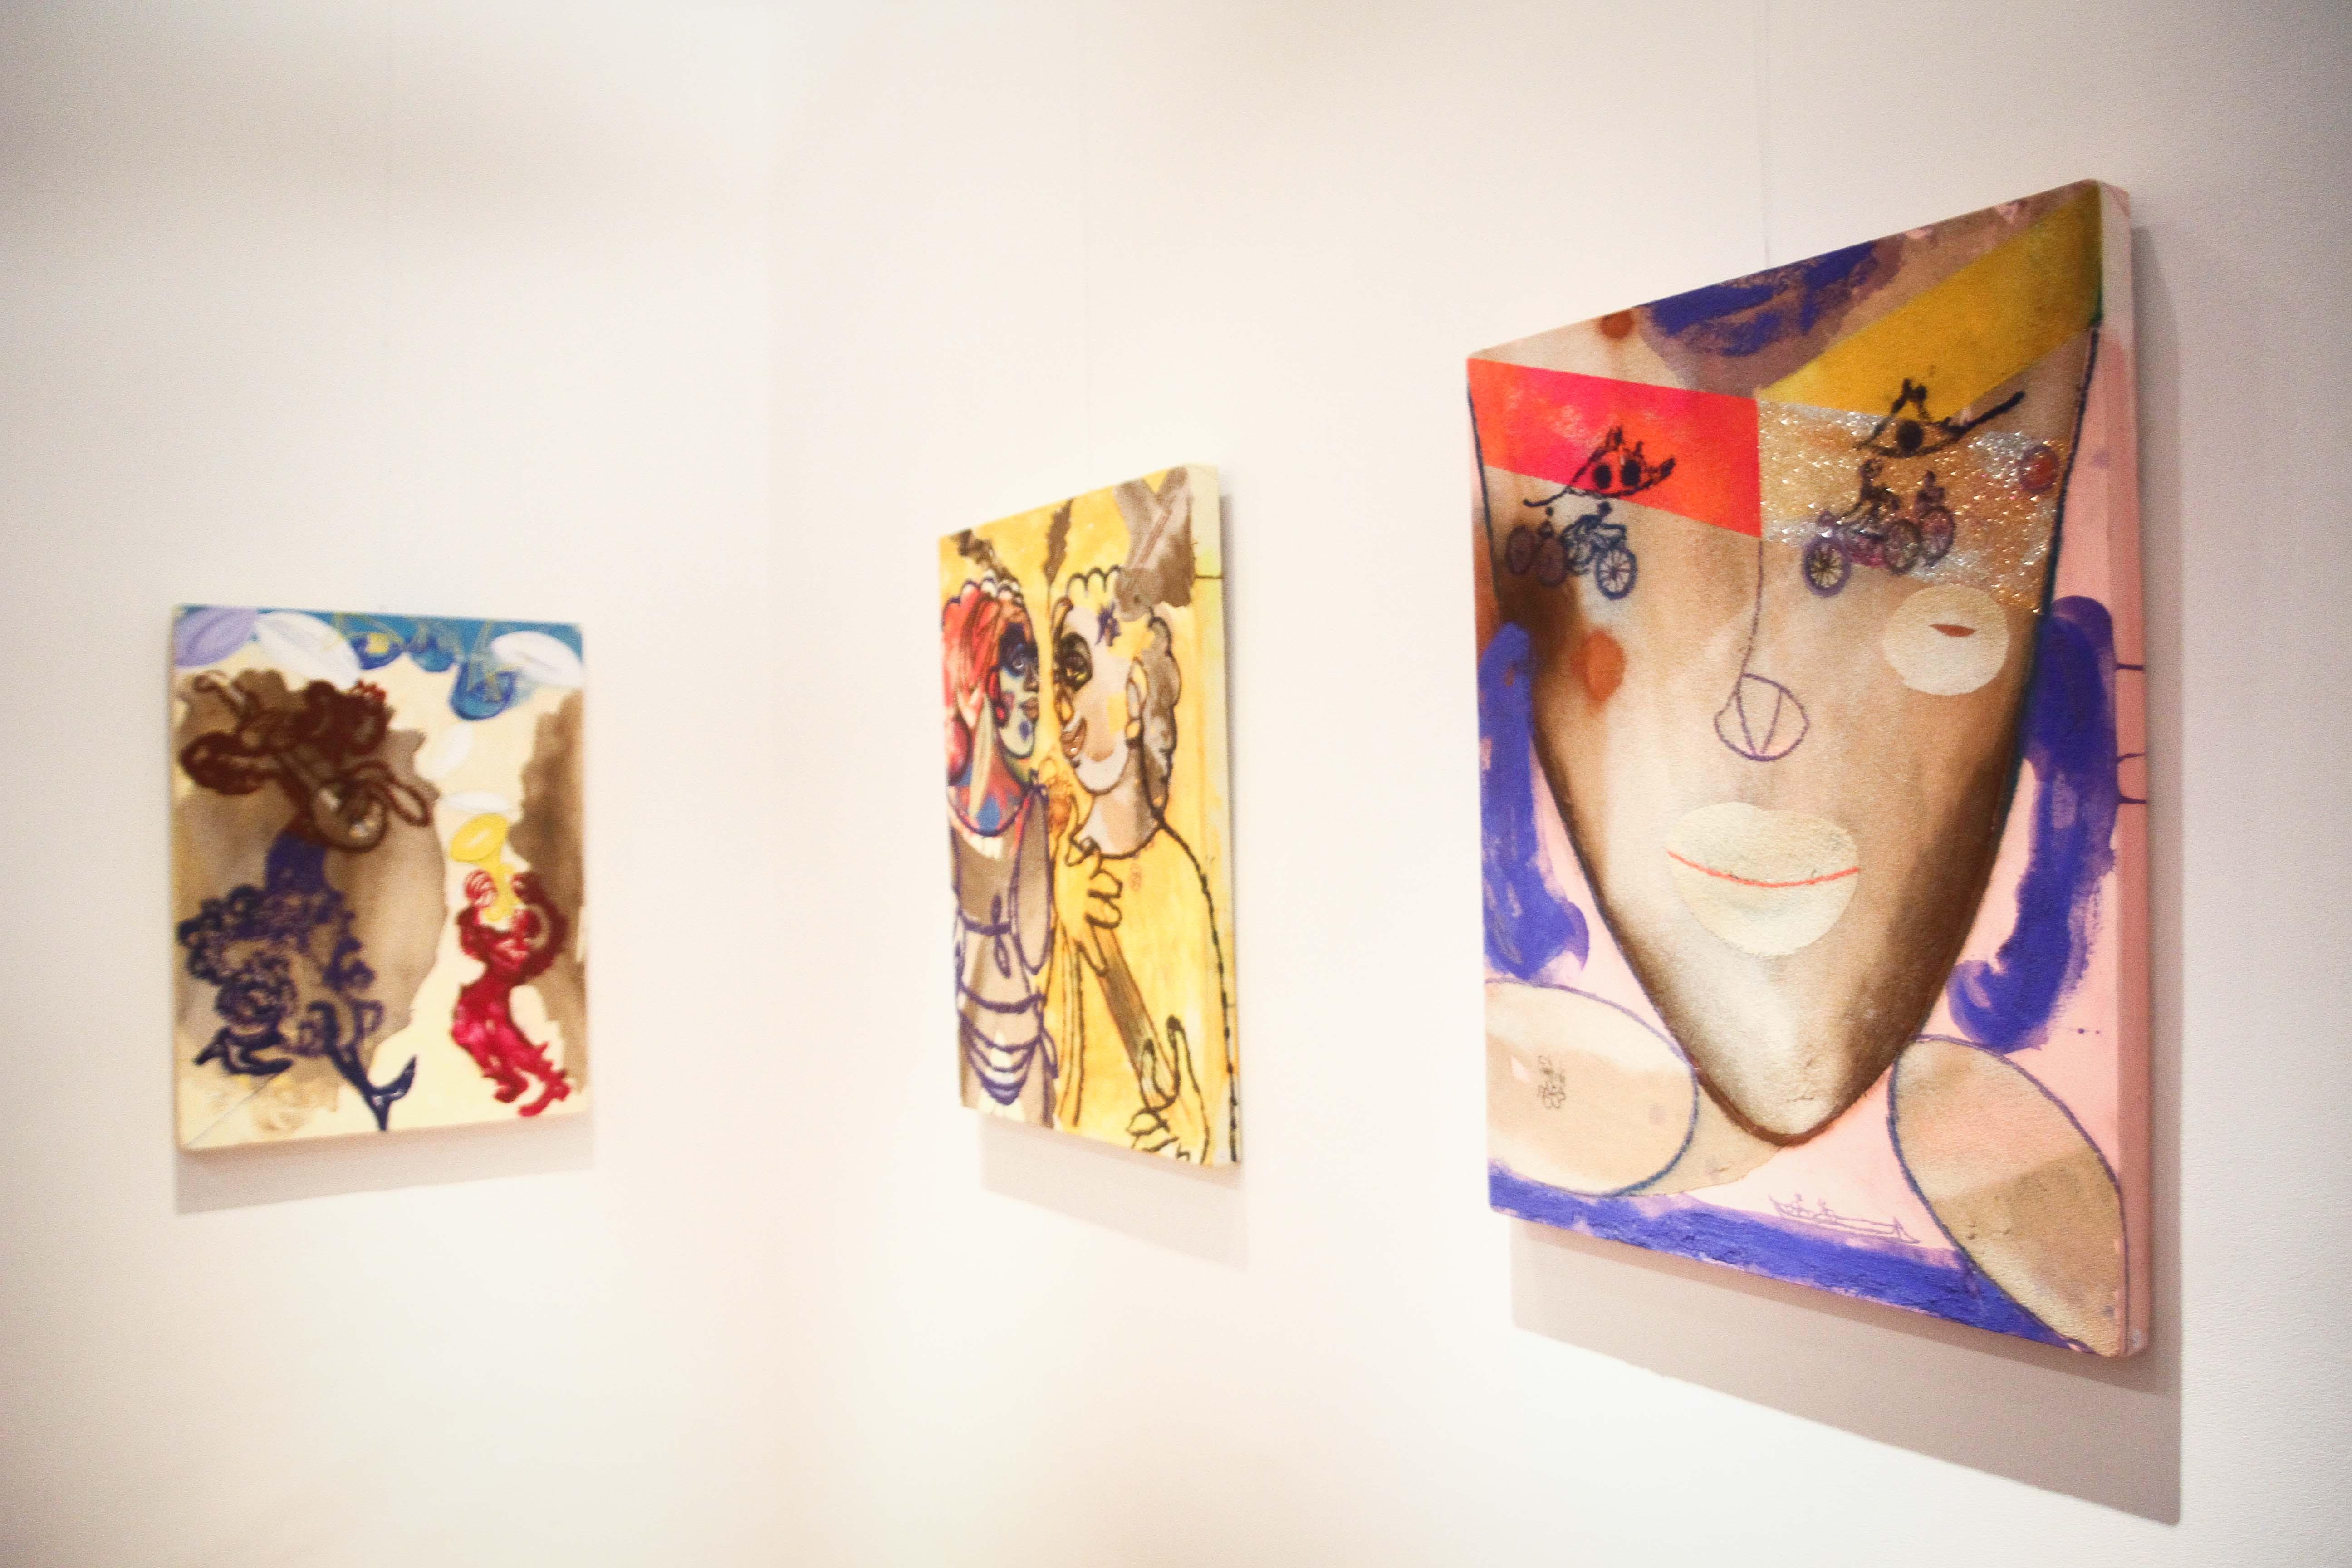 معرض مصر ستعاود العطاء للفنان فرغى عبد الحفيظ (15)